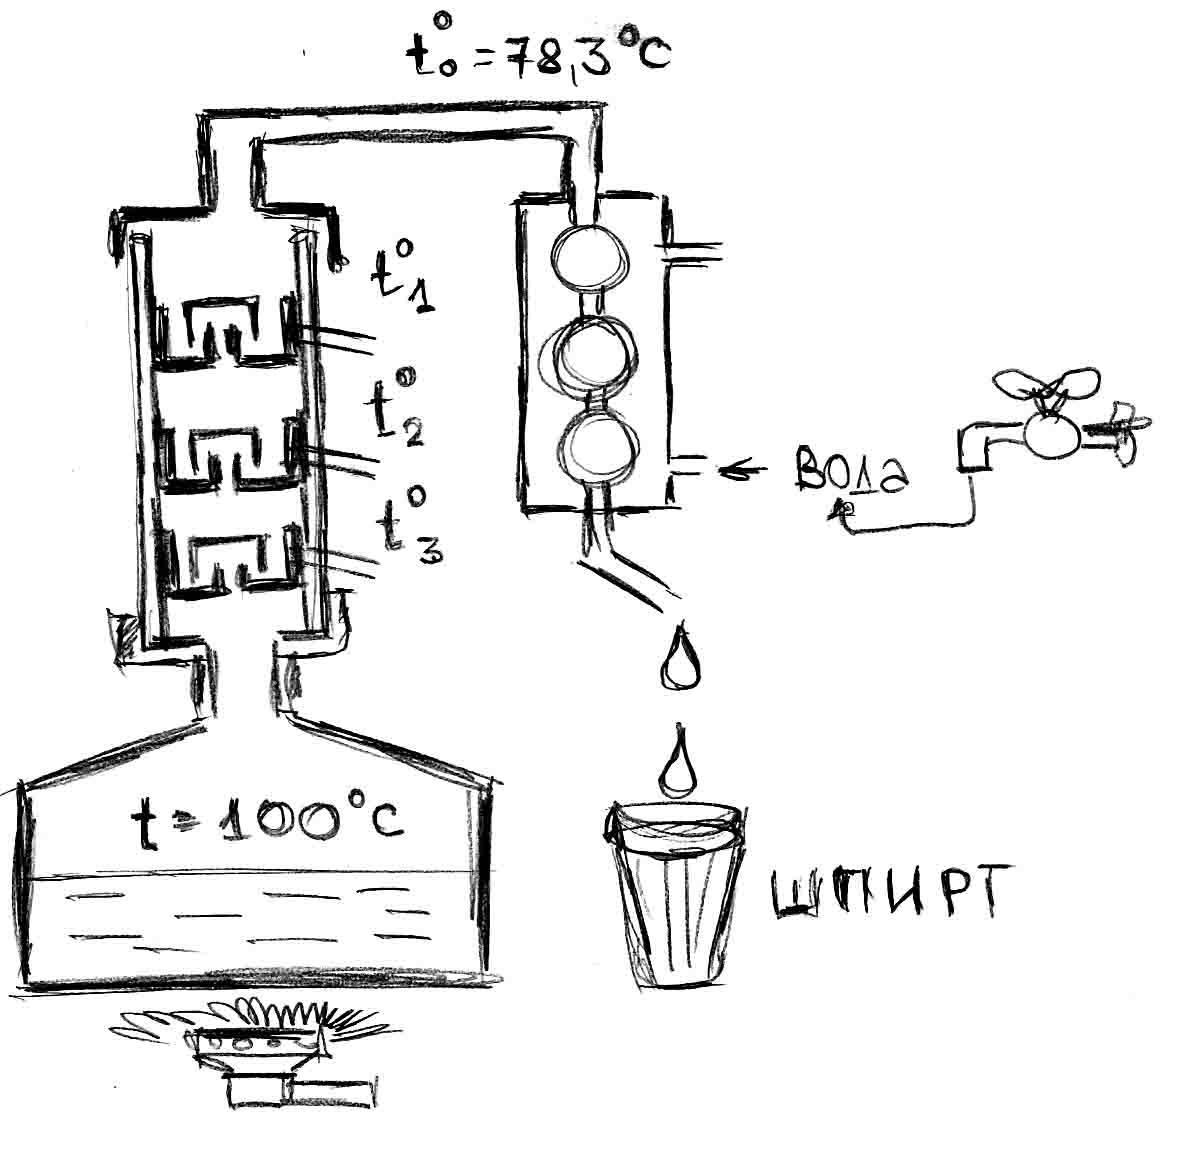 Ректификационная колонна своими руками: расчет всех компонентов и технология сборки в домашних условиях